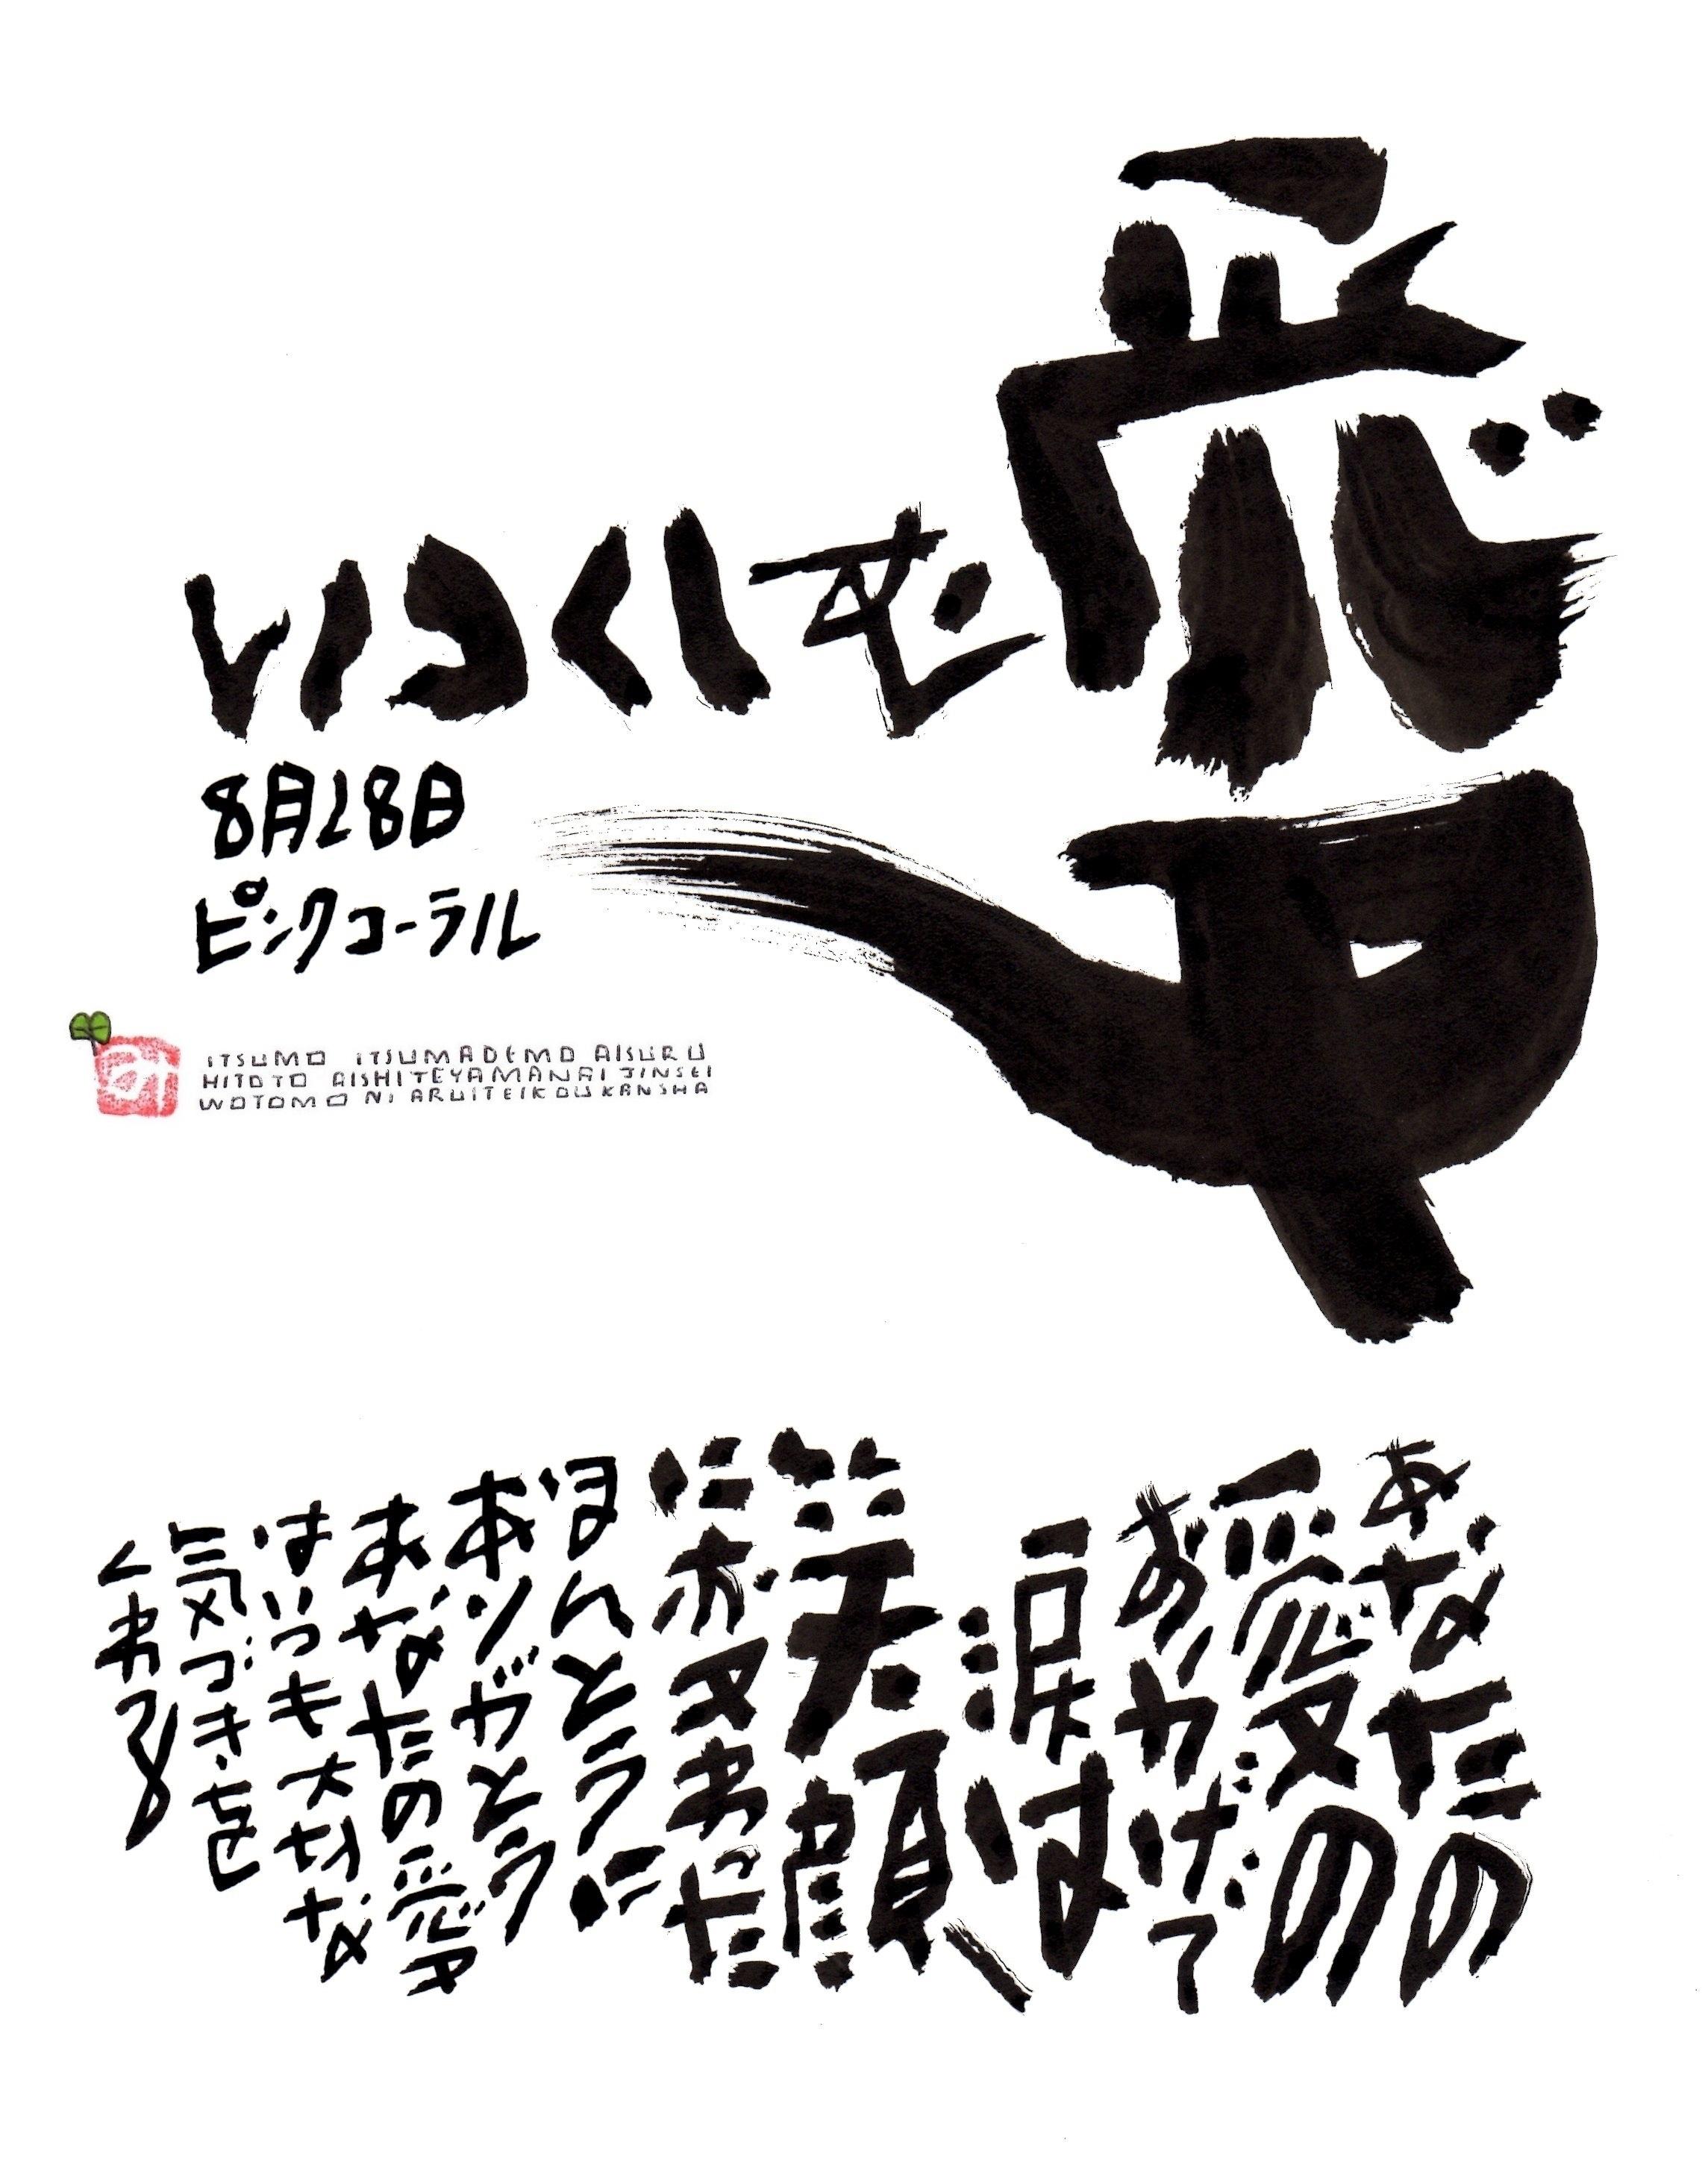 8月28日 結婚記念日ポストカード【いつくしむ愛】